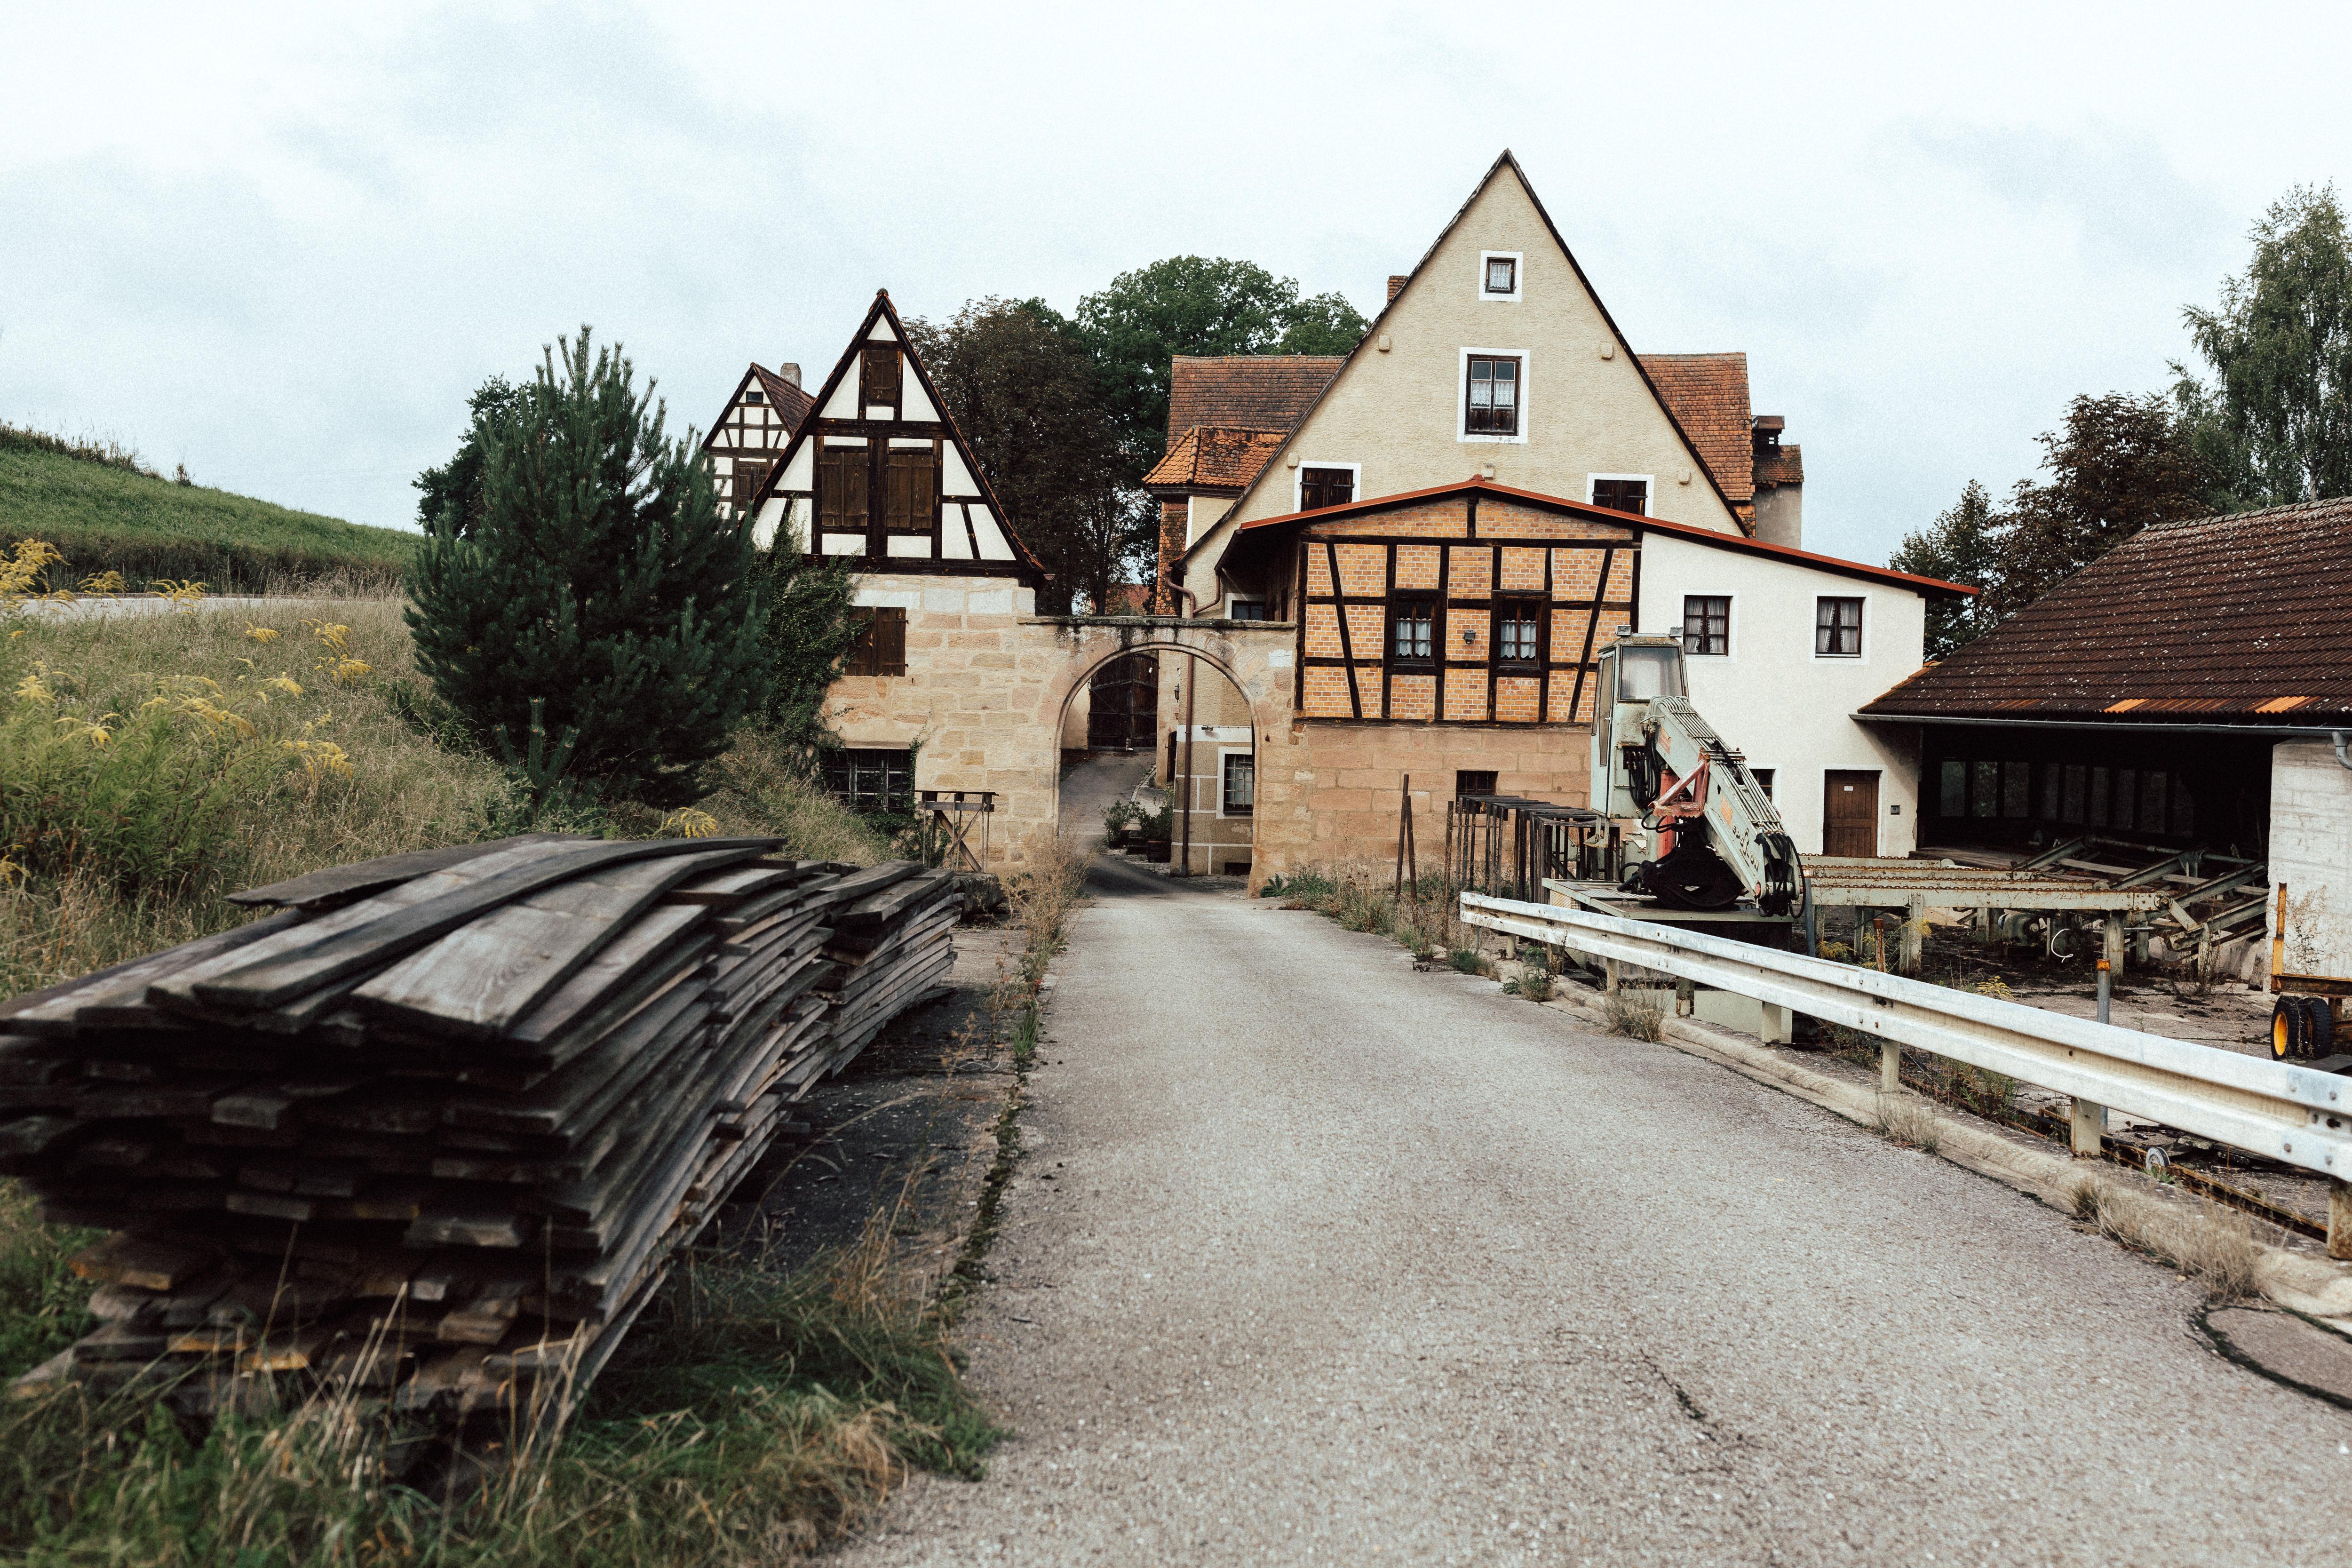 URBANERIE_Daniela_Goth_Fotografin_Nürnberg_Fürth_Erlangen_Schwabach_170902_004_0019